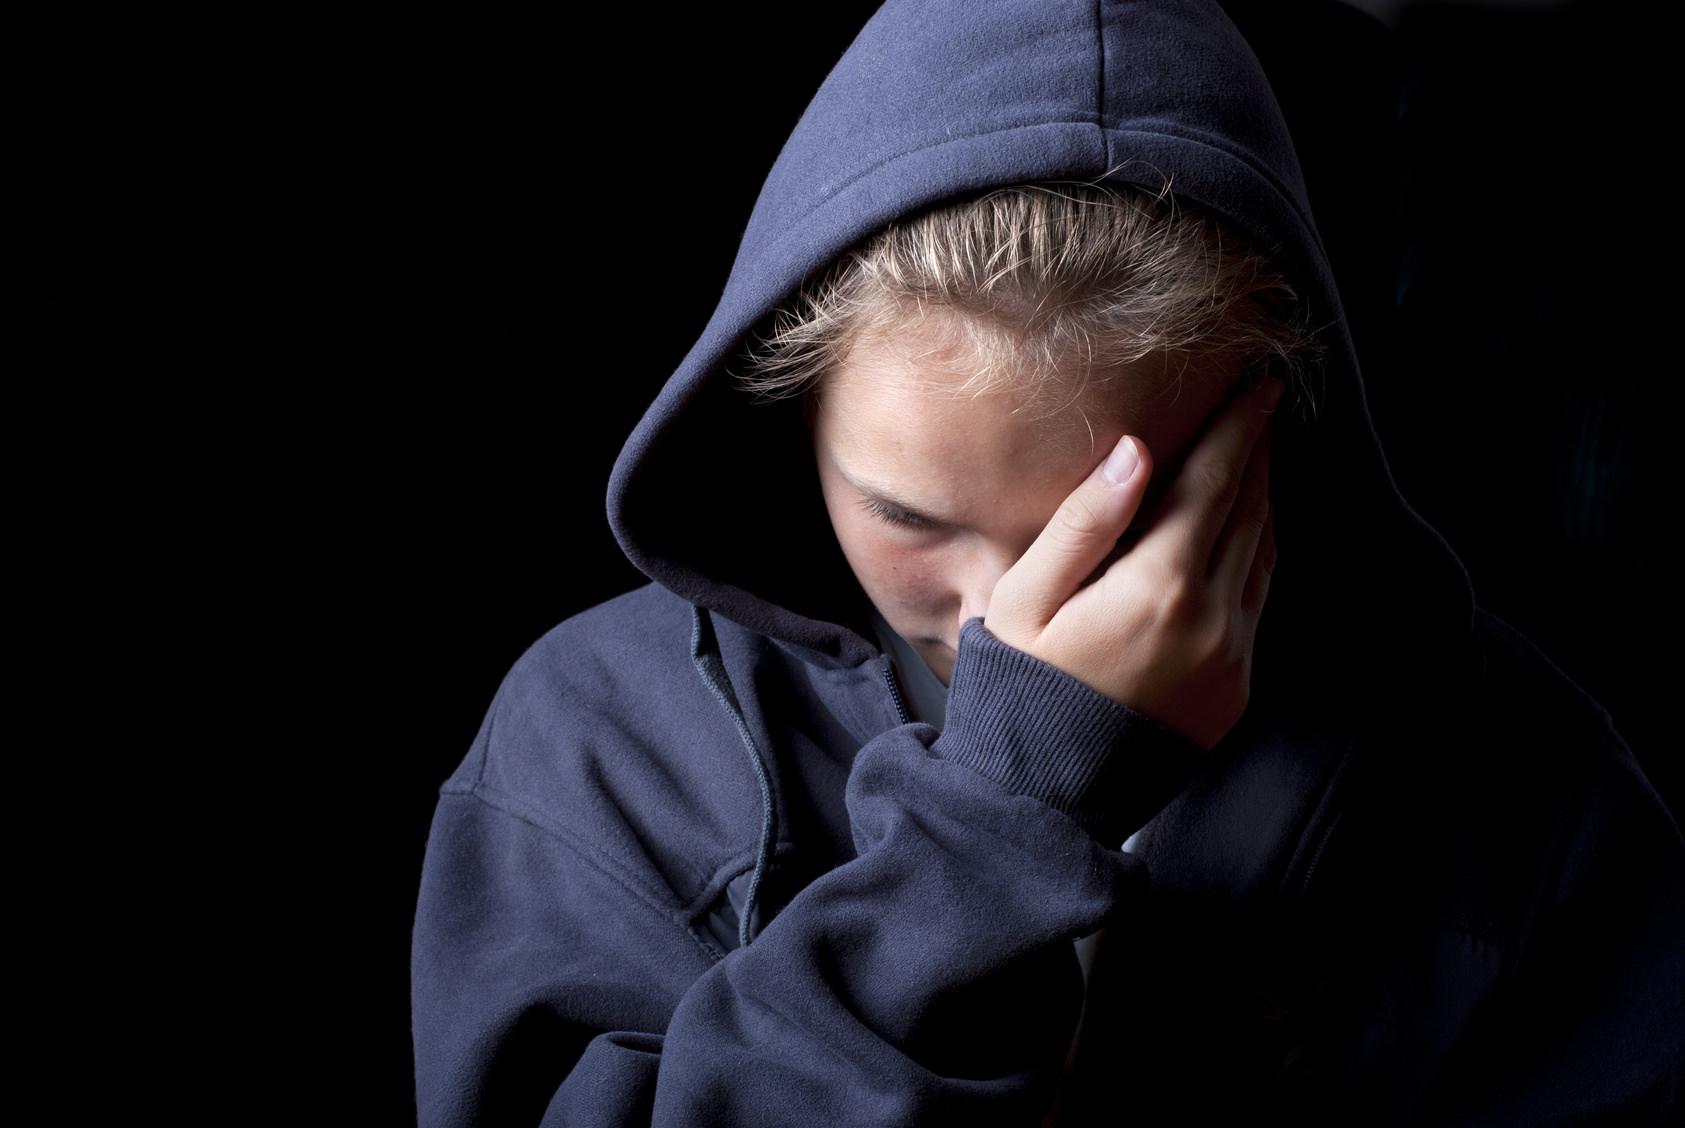 Льготы по потере кормильца: что положено осиротевшему ребенку (фото: Halfpoint - Fotolia.com).